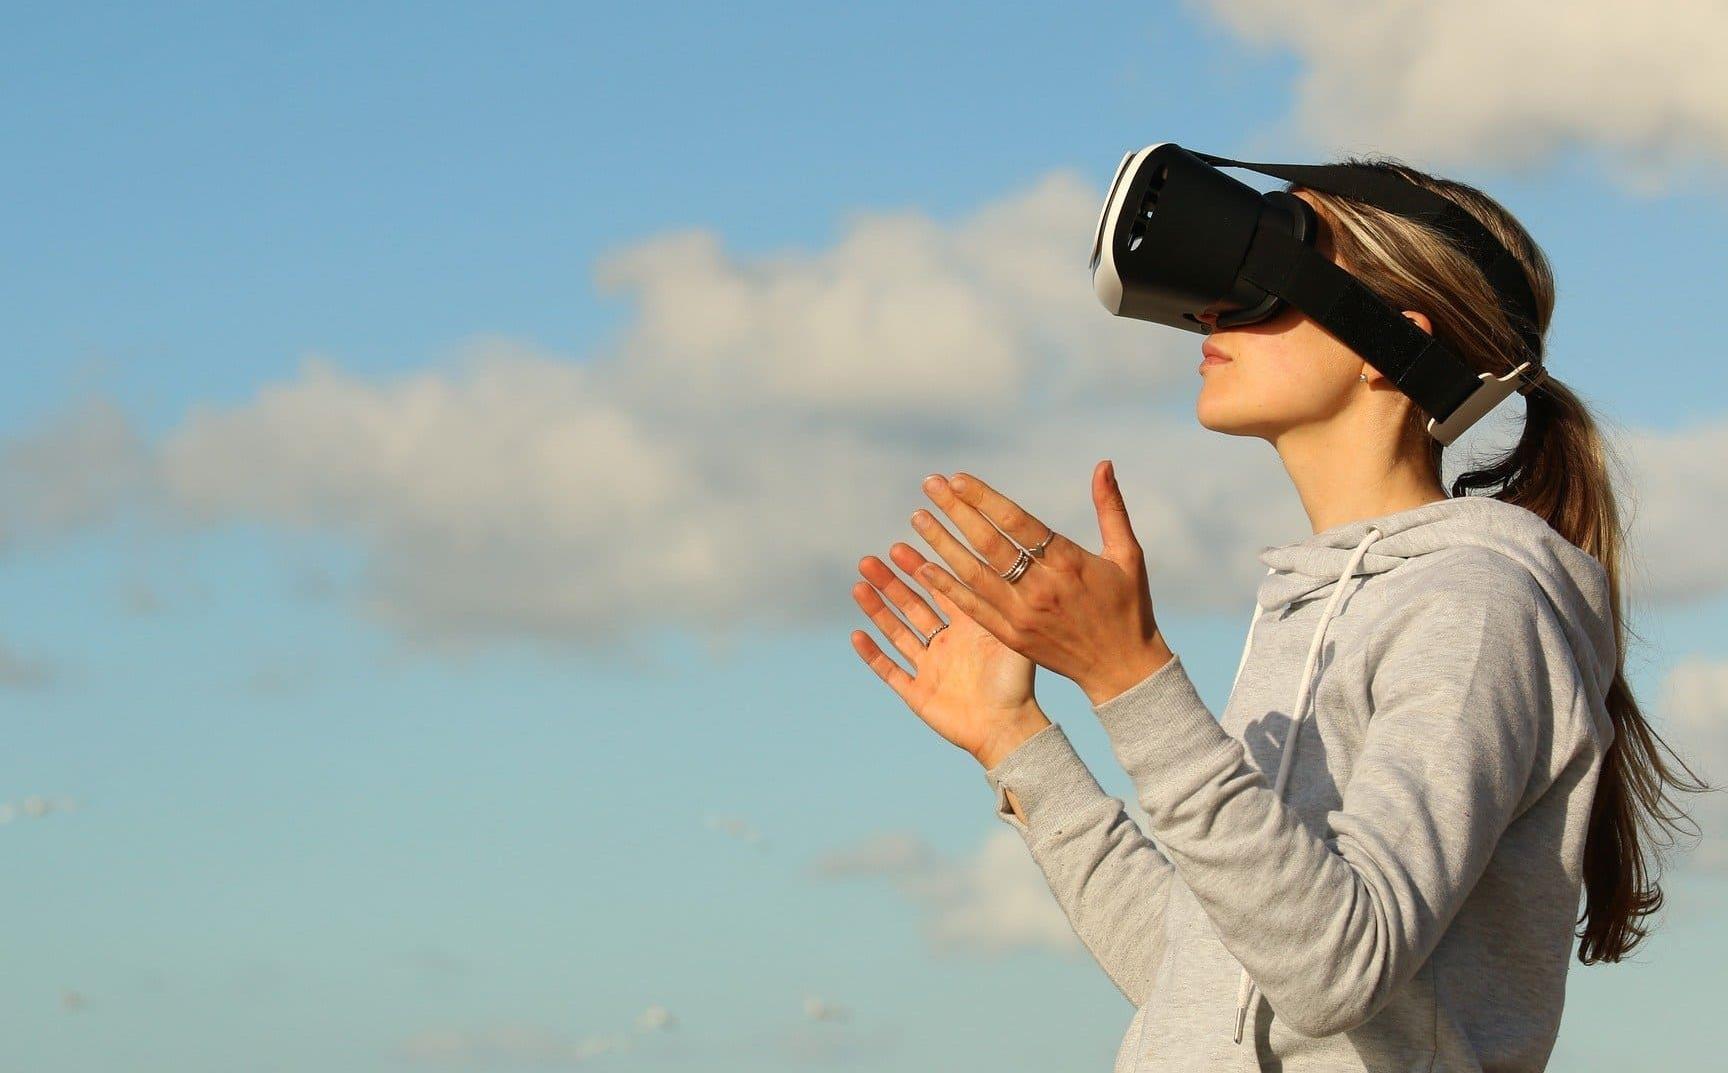 Архітектор віртуальної реальності